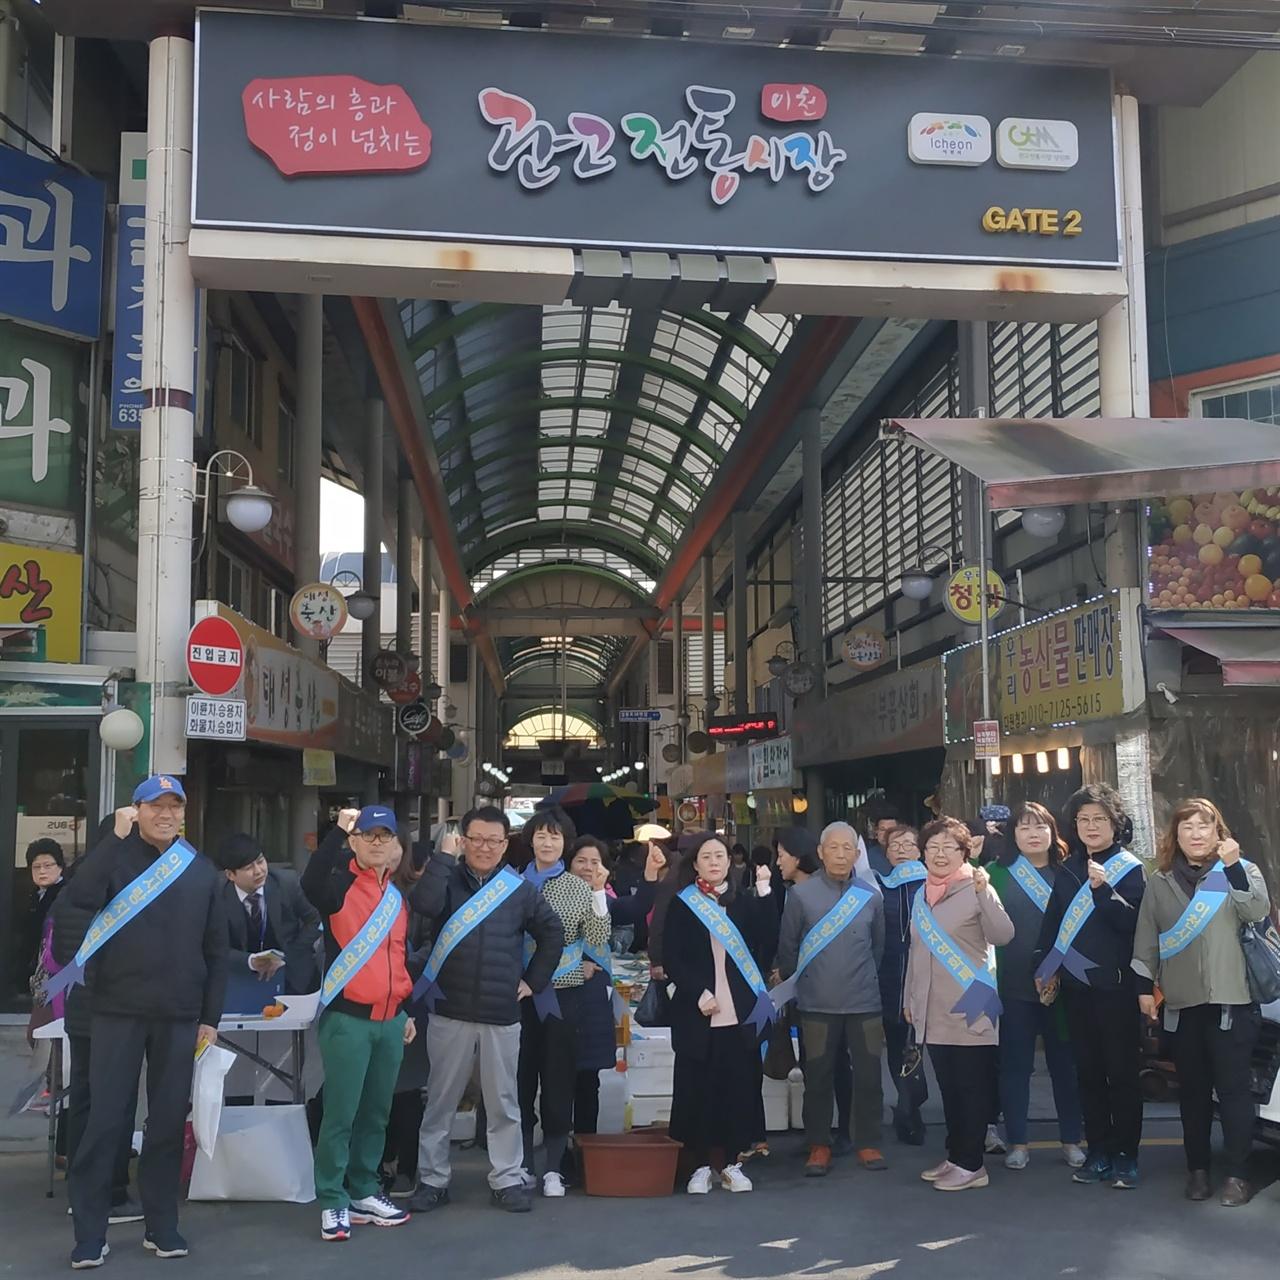 이천시(시장 엄태준)가 지난달 4일 관고전통시장에서 상인들과 함께 지역화폐 거리홍보를 펼치고 있는 모습